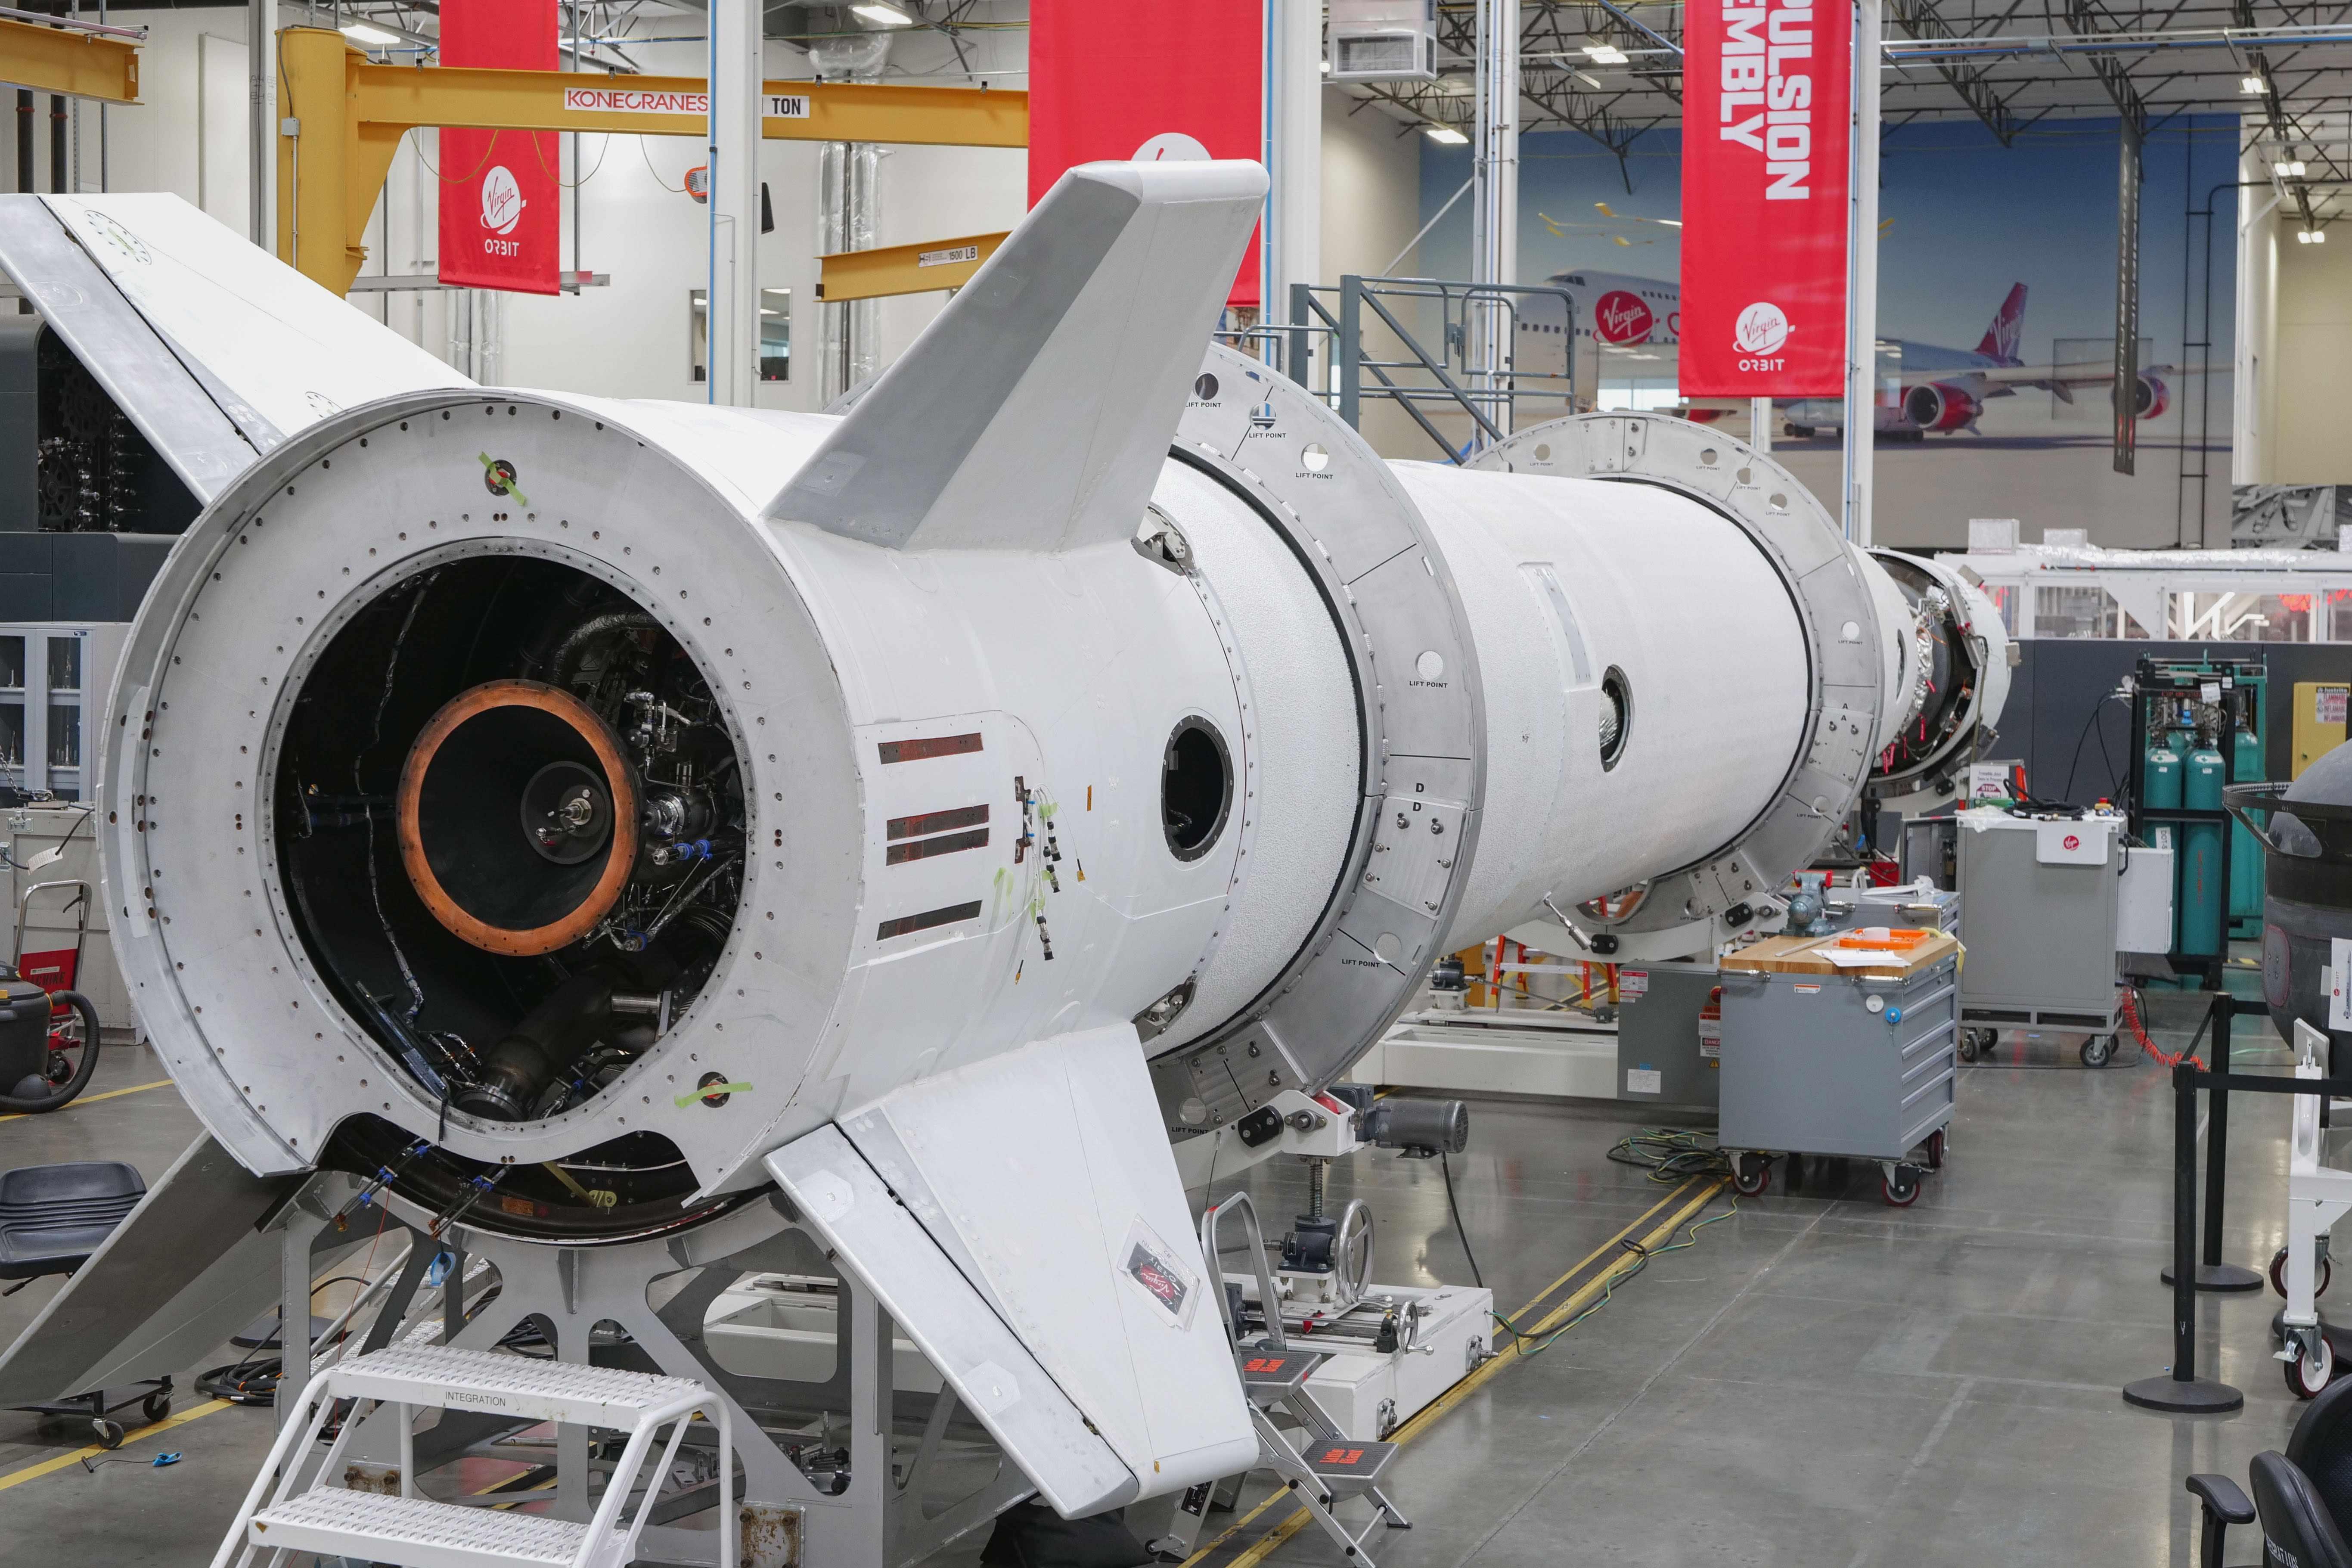 launch orbit virgin